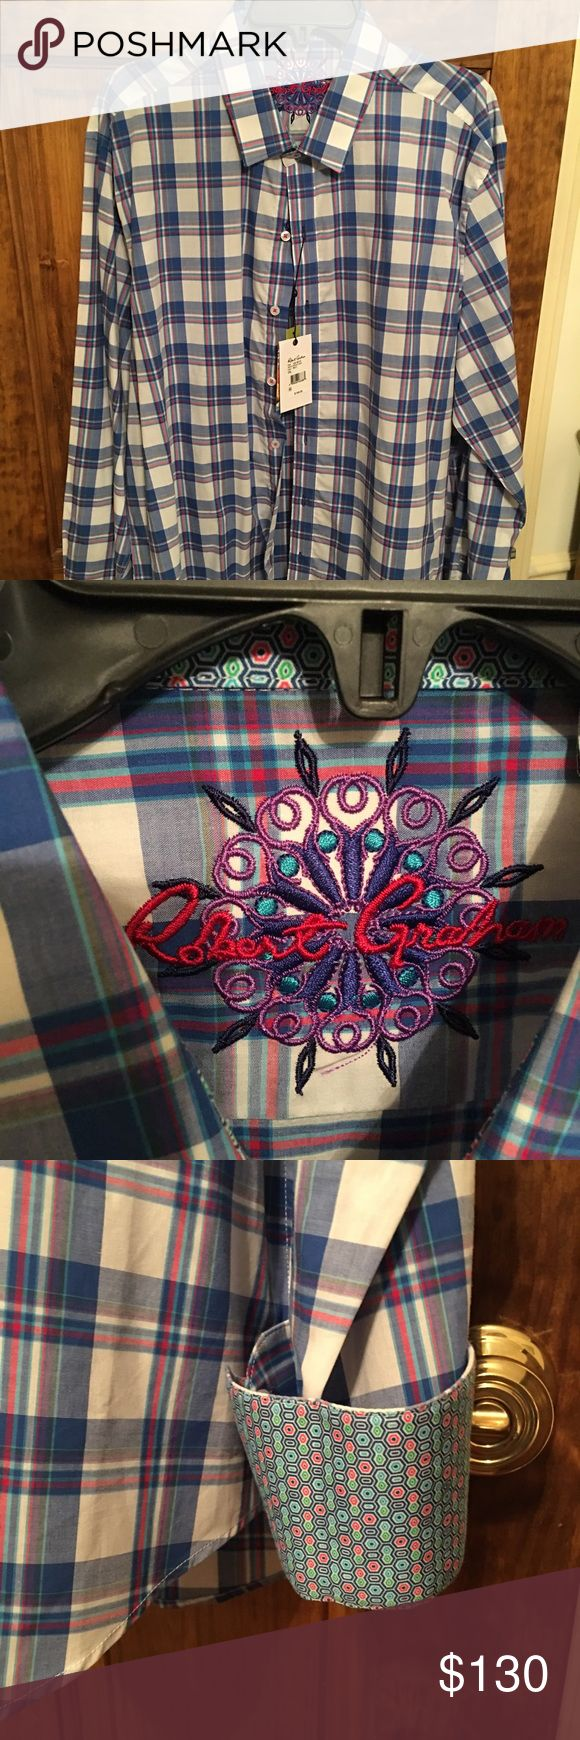 Long sleeve Robert Graham button down Blue, white, pink and a green color long sleeve button down shirt. Never worn NWT. Size XXL Robert Graham Shirts Casual Button Down Shirts